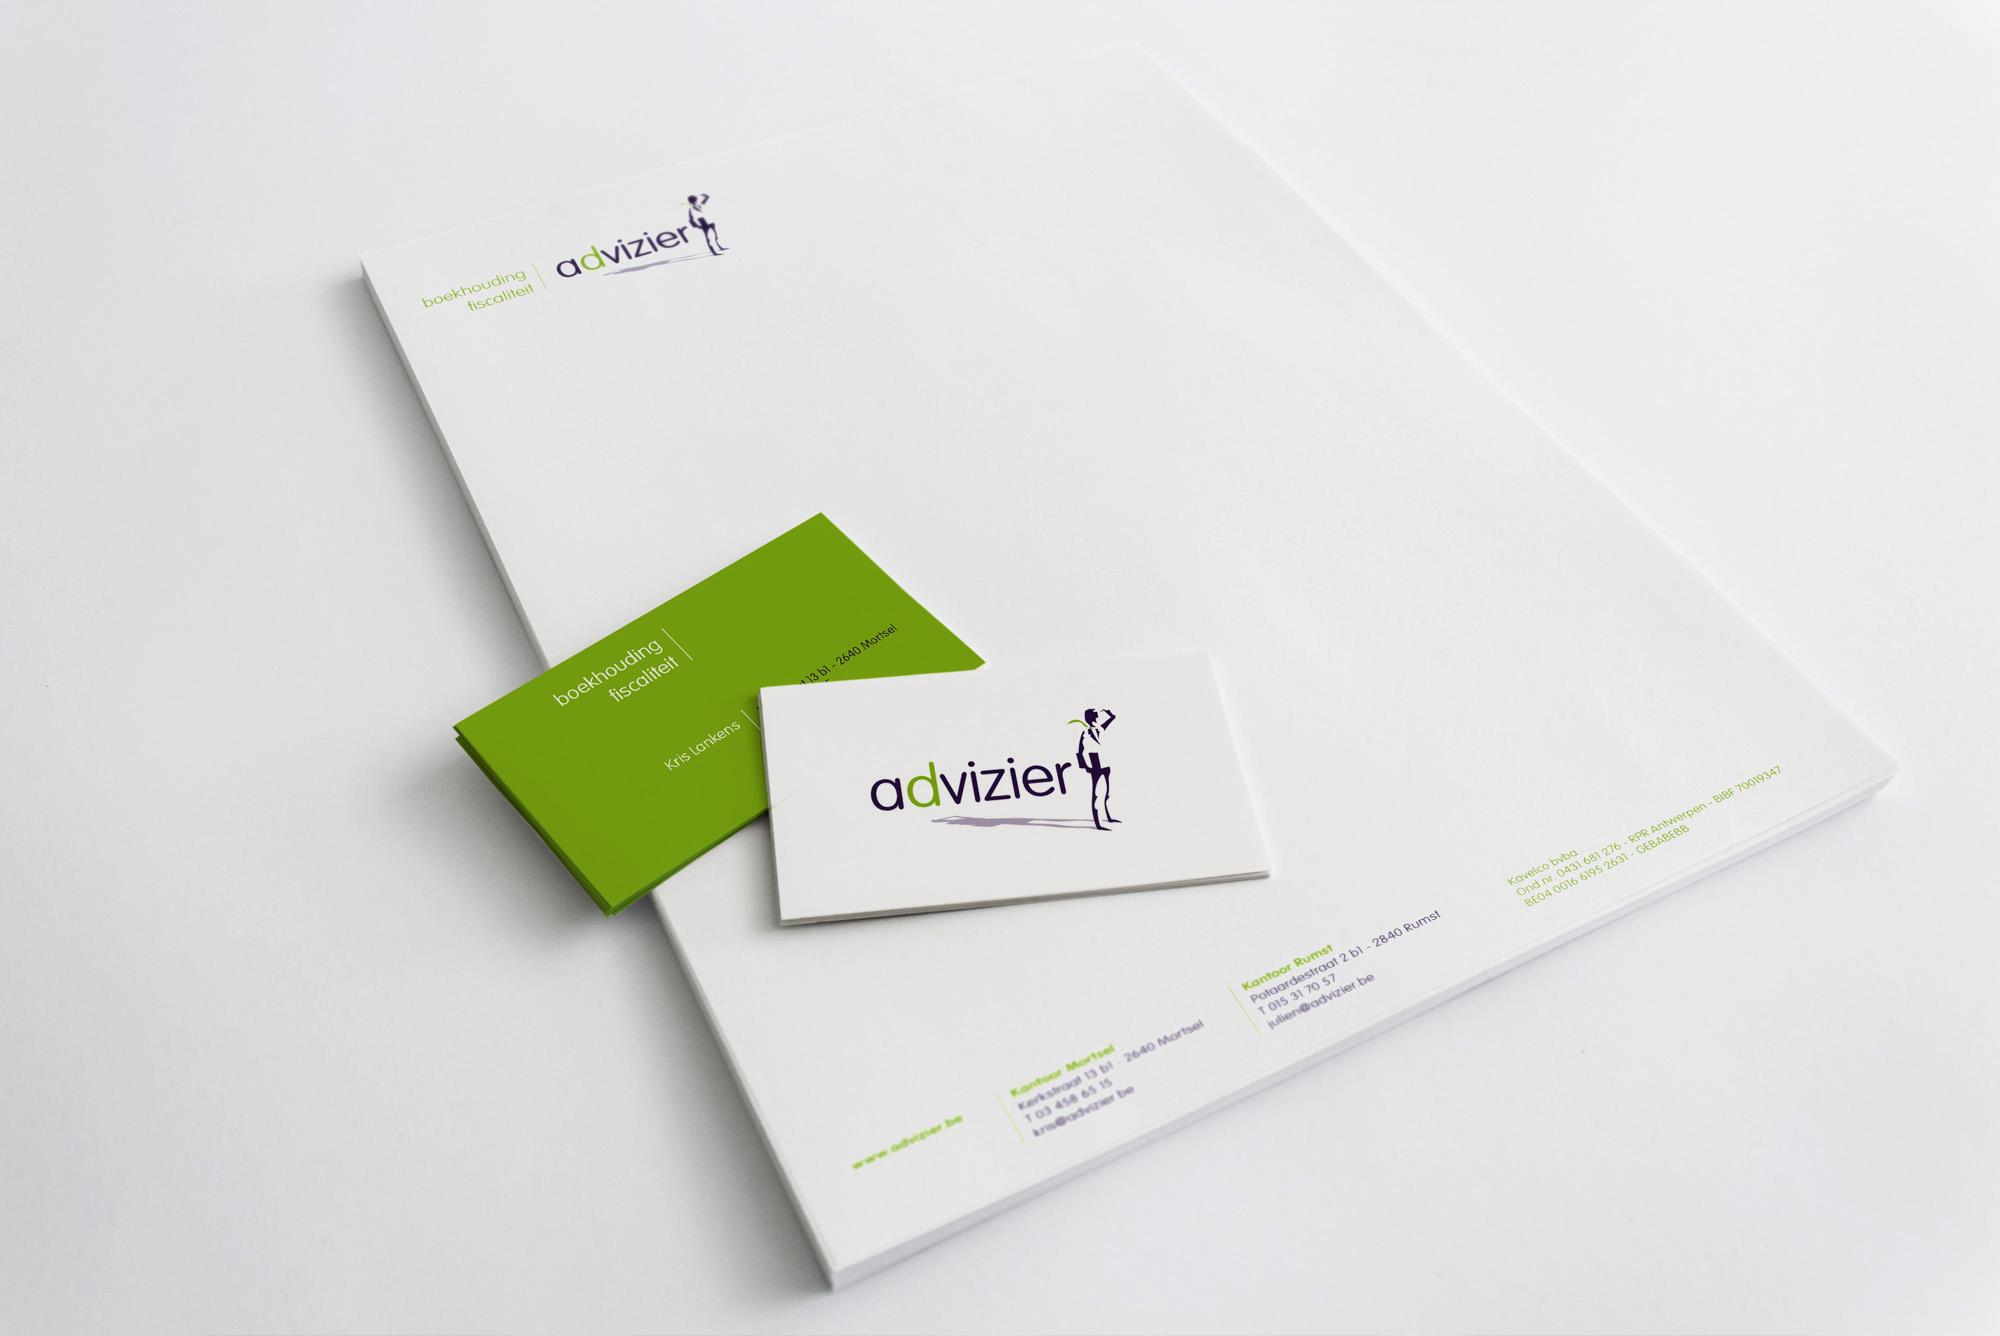 DR17-Web-adVizier-2000px-1